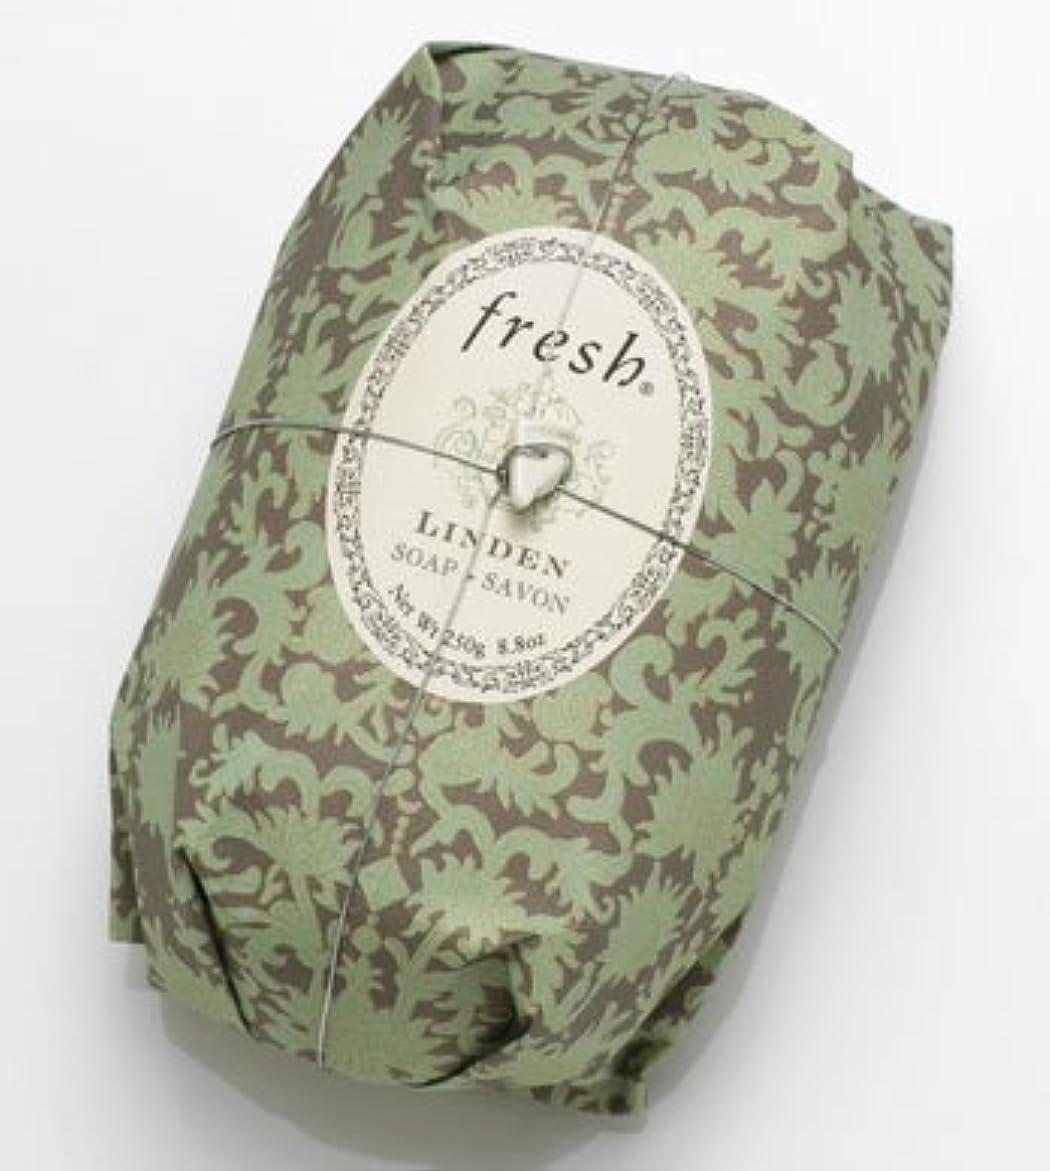 騒乱風景宝石Fresh LINDEN SOAP (フレッシュ リンデン ソープ) 8.8 oz (250g) Soap (石鹸) by Fresh